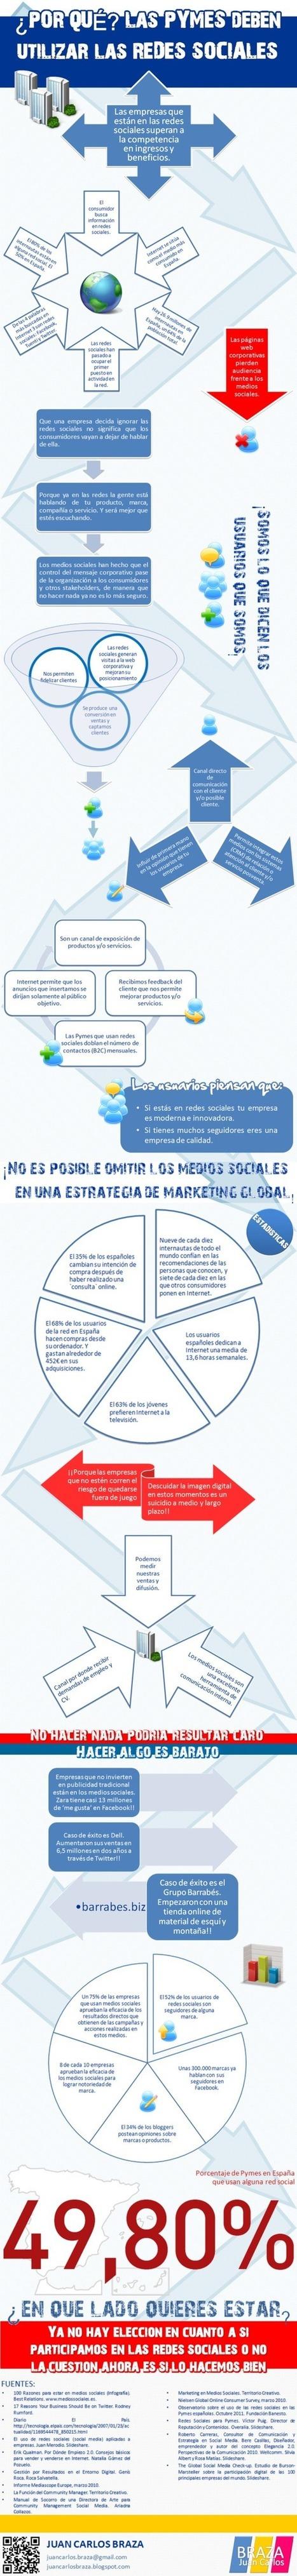 Por qué las pequeñas empresas deberían utilizar las redes sociales | Problemas de administración de pequeñas empresas | Scoop.it